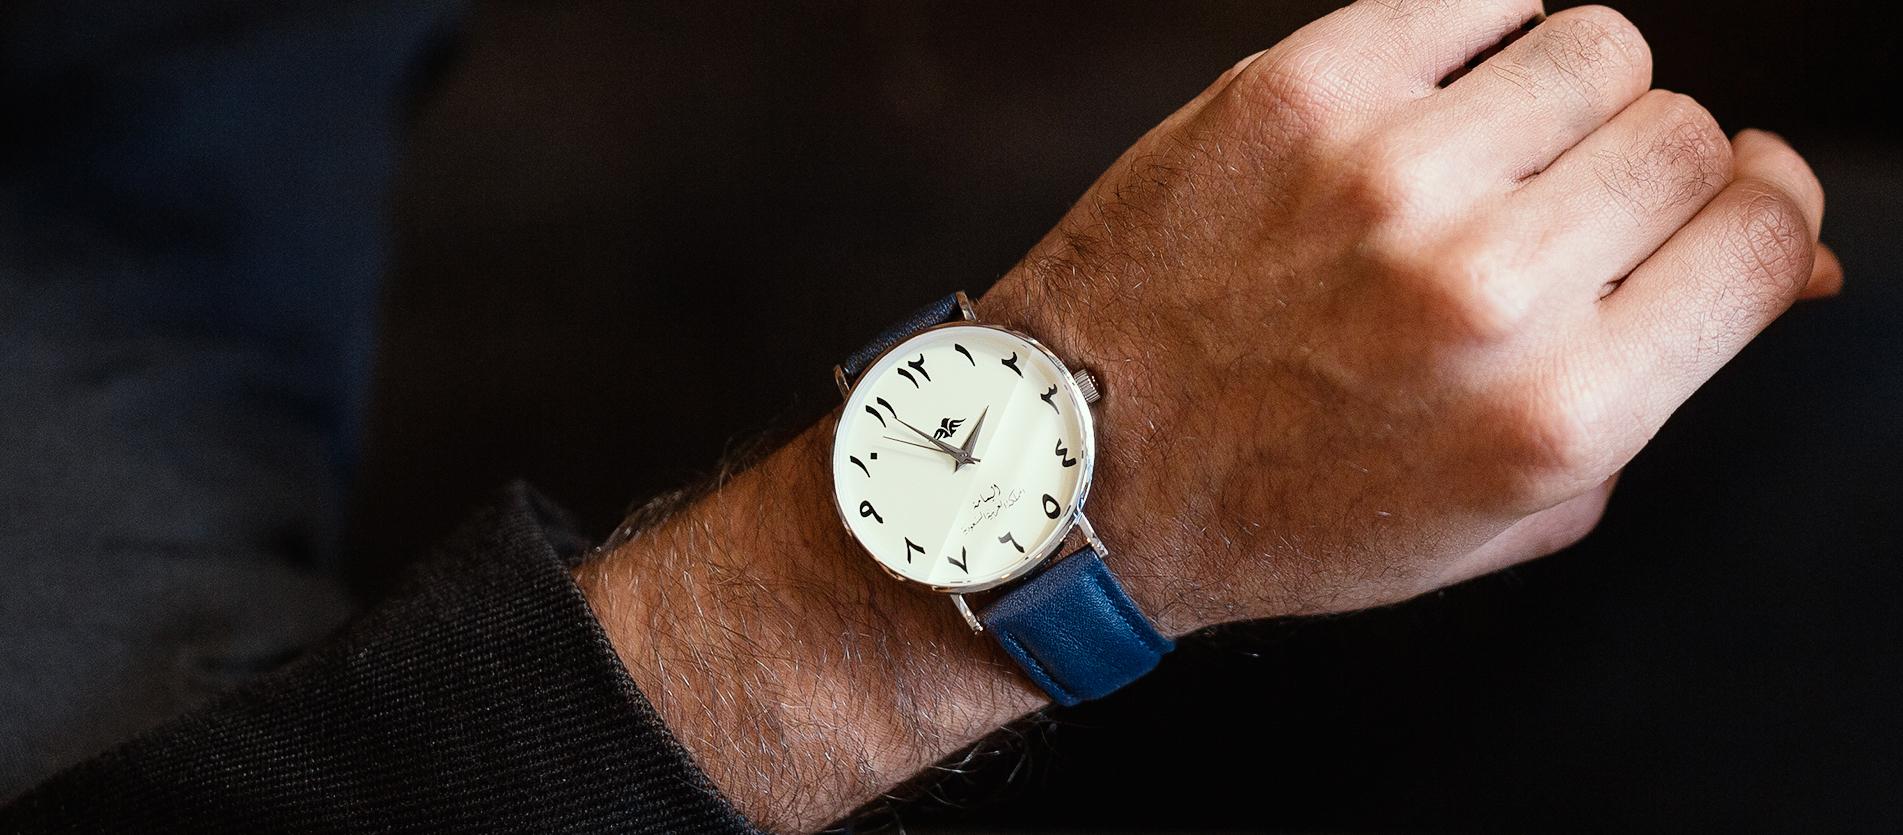 ساعة اليمامة اللون الازرق الداكن